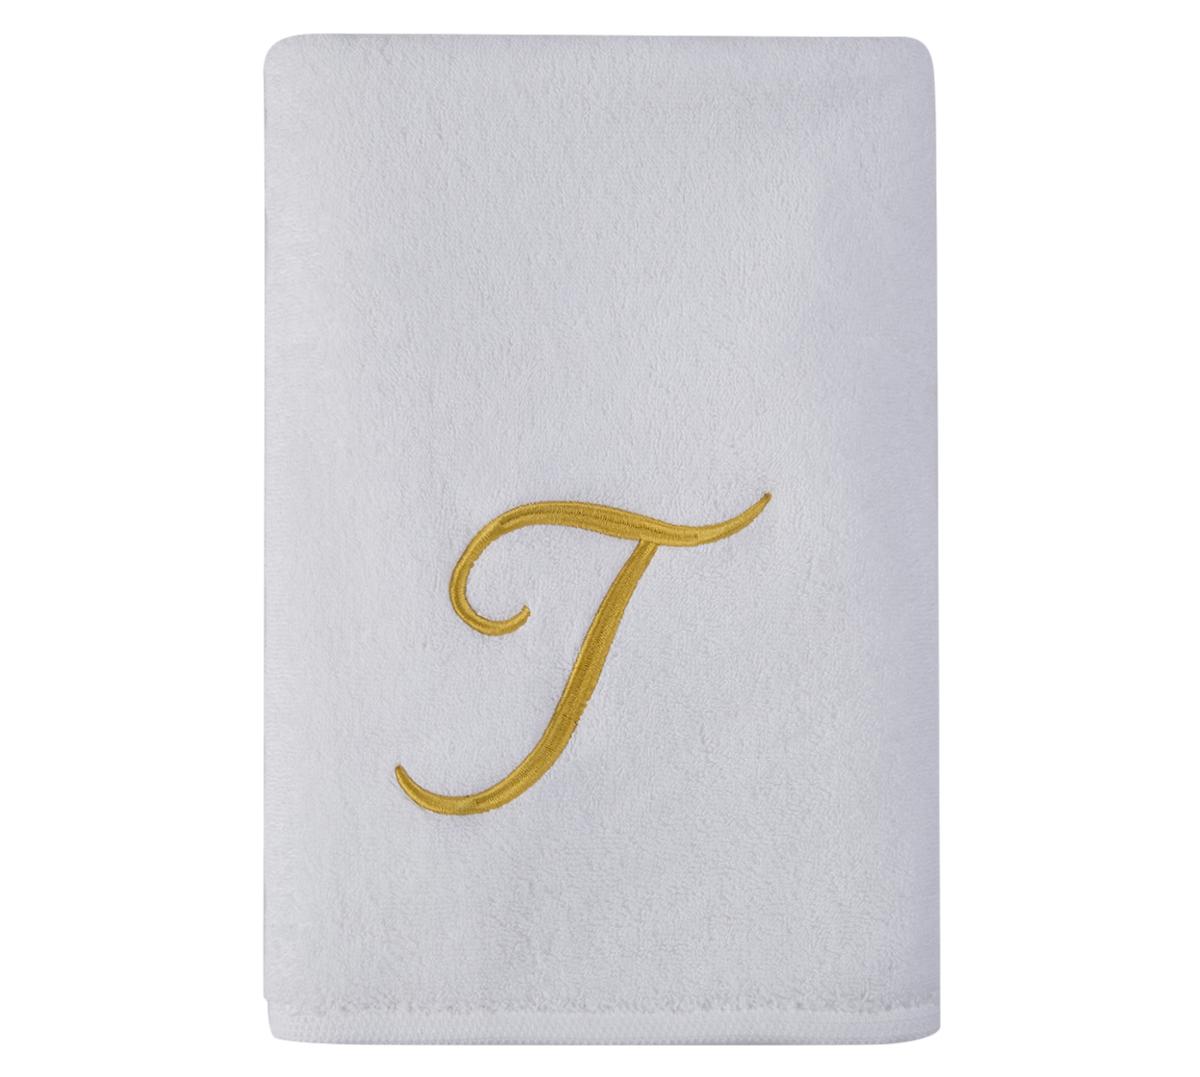 Alphabet Bath Towel 70x140cm Letter T